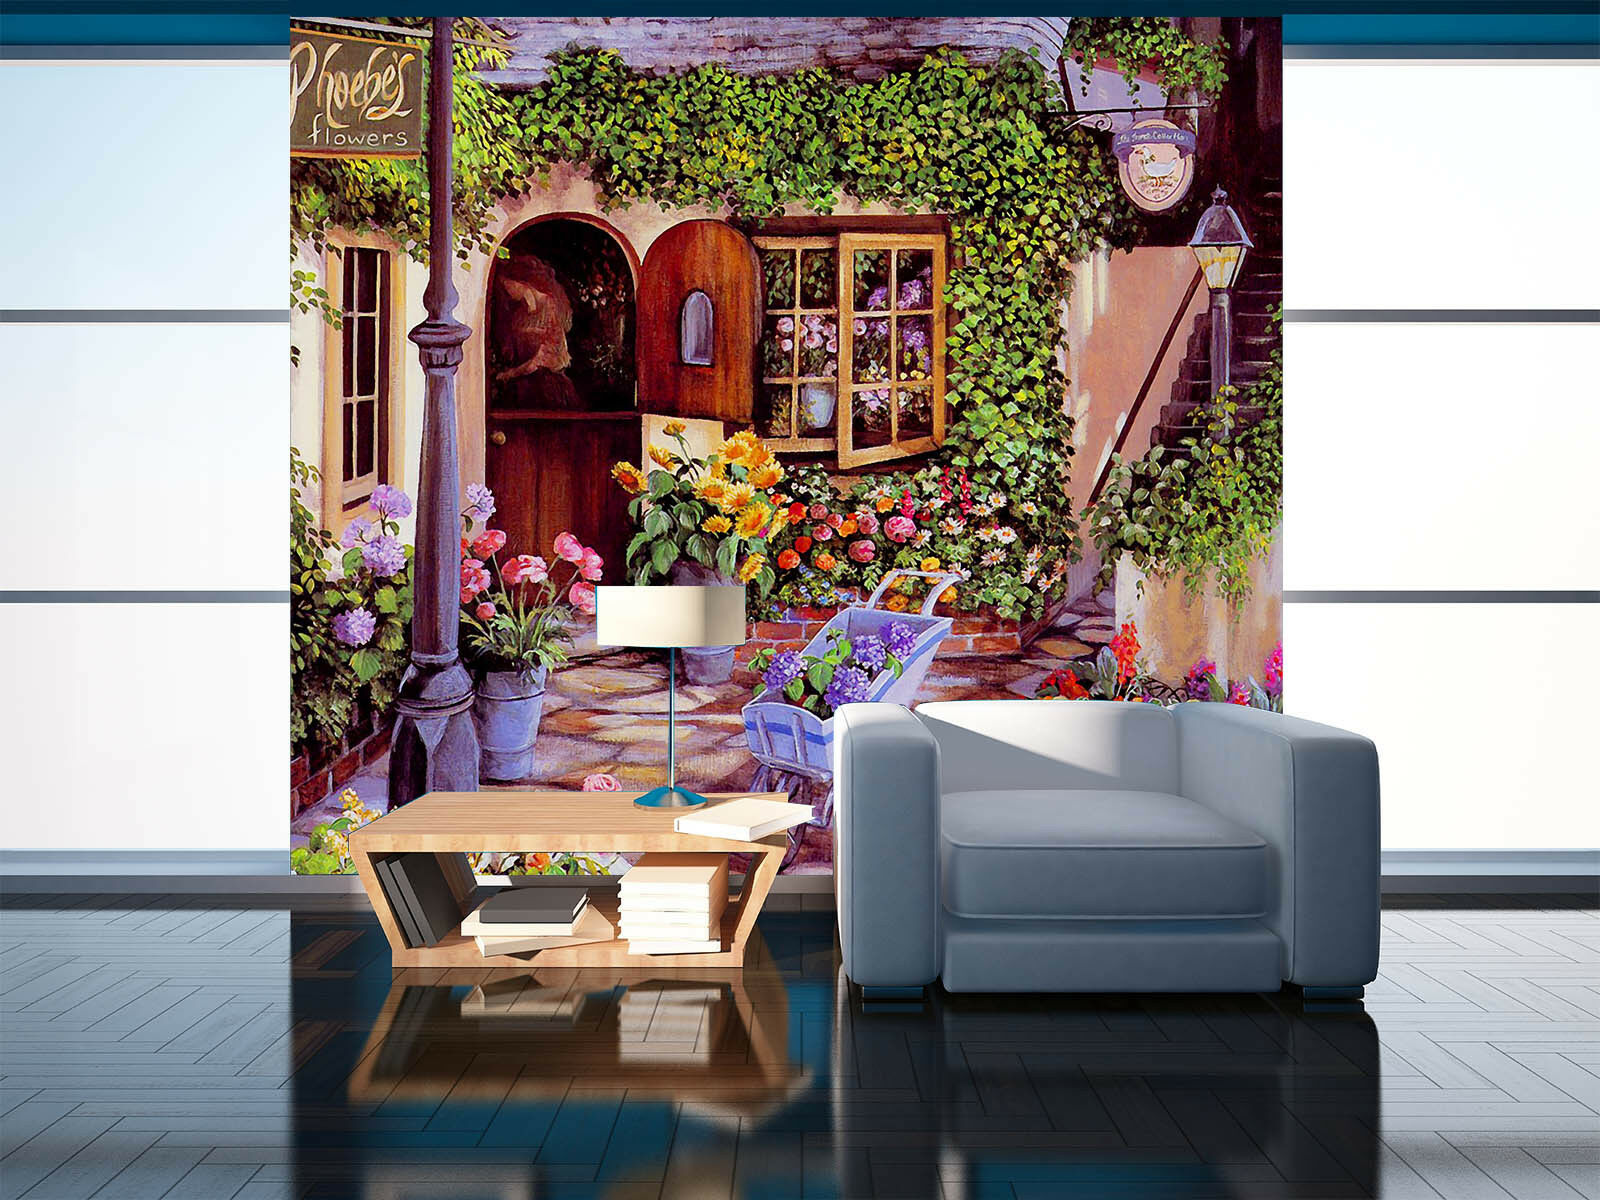 Papel Pintado Mural De Vellón Tiendas Florería 2 Paisaje Fondo De Pansize ES AJ